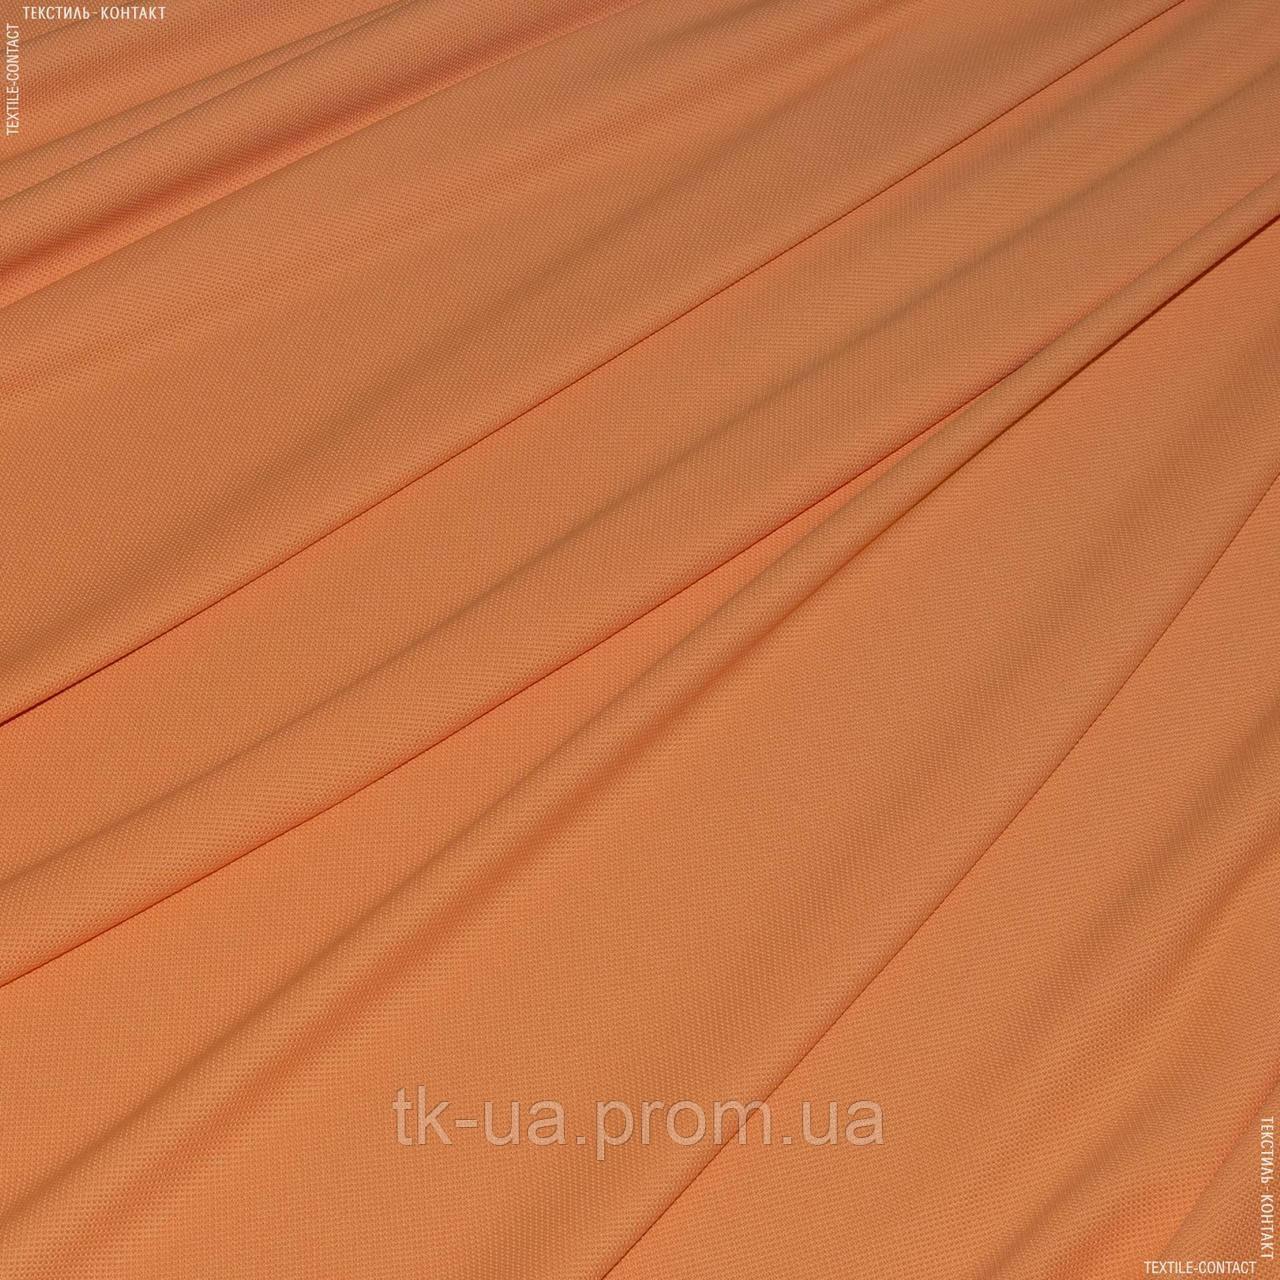 ЛАКОСТА-СТРЕЙЧ ОРАНЖЕВЫЙ - купить по лучшей цене в Киеве от компании ... 085156e7324ce